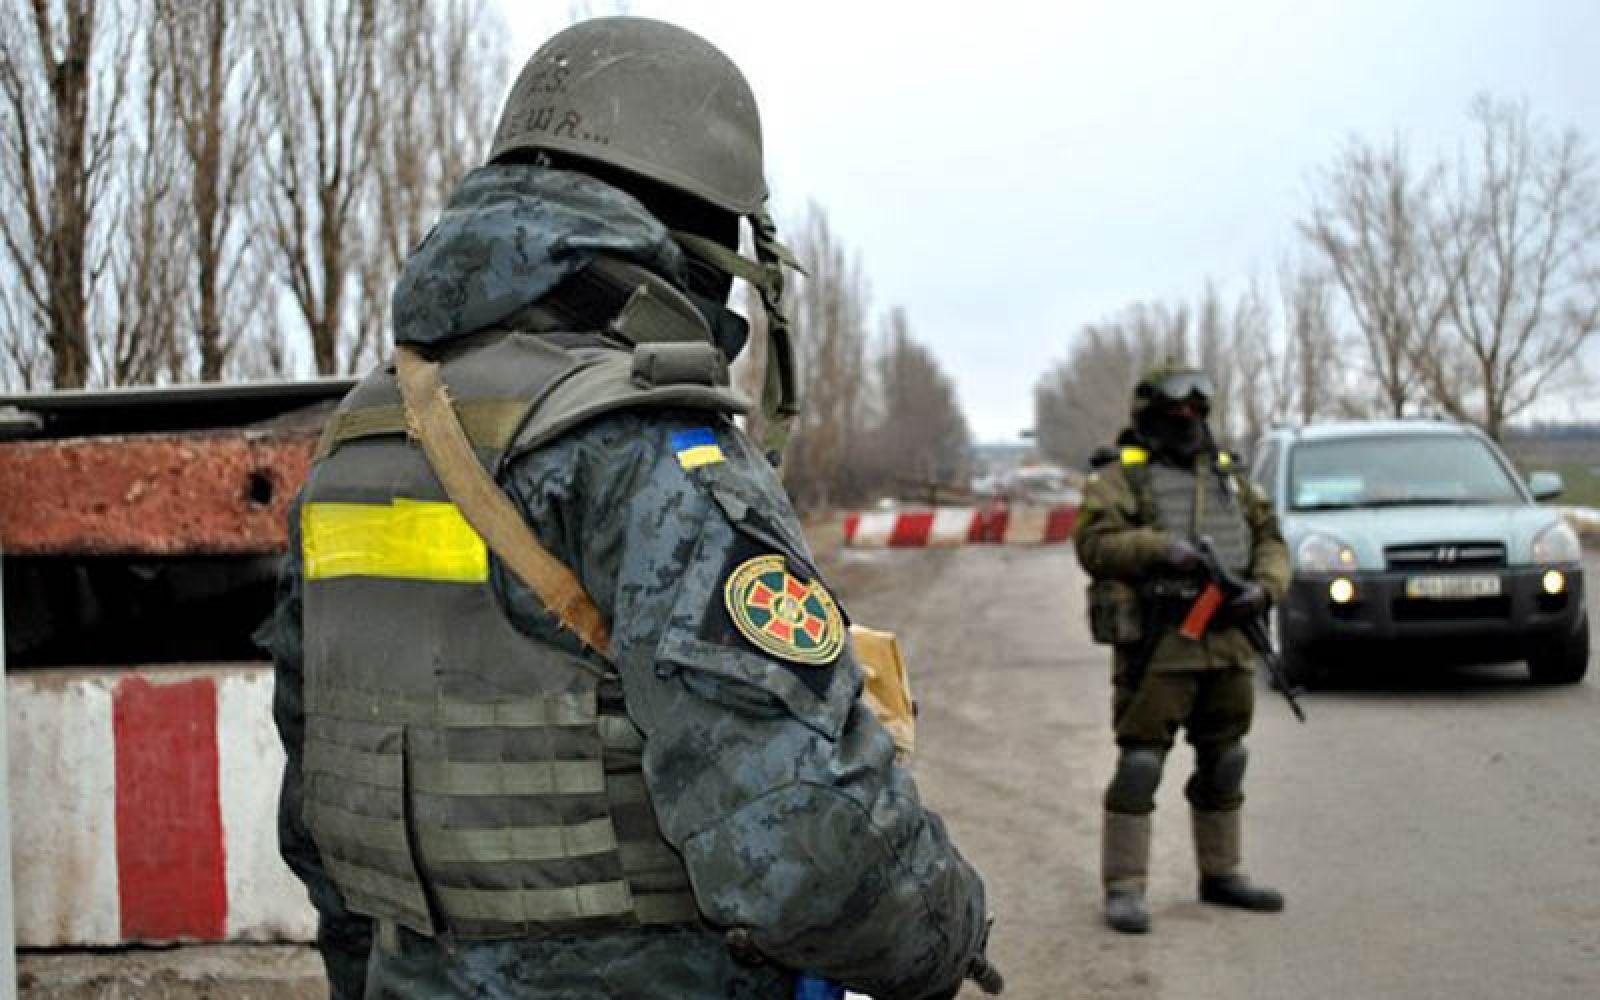 Таможня дает добро: пункт пропуска в Станице Луганской вновь начинает работу перед Пасхой - Сайдик